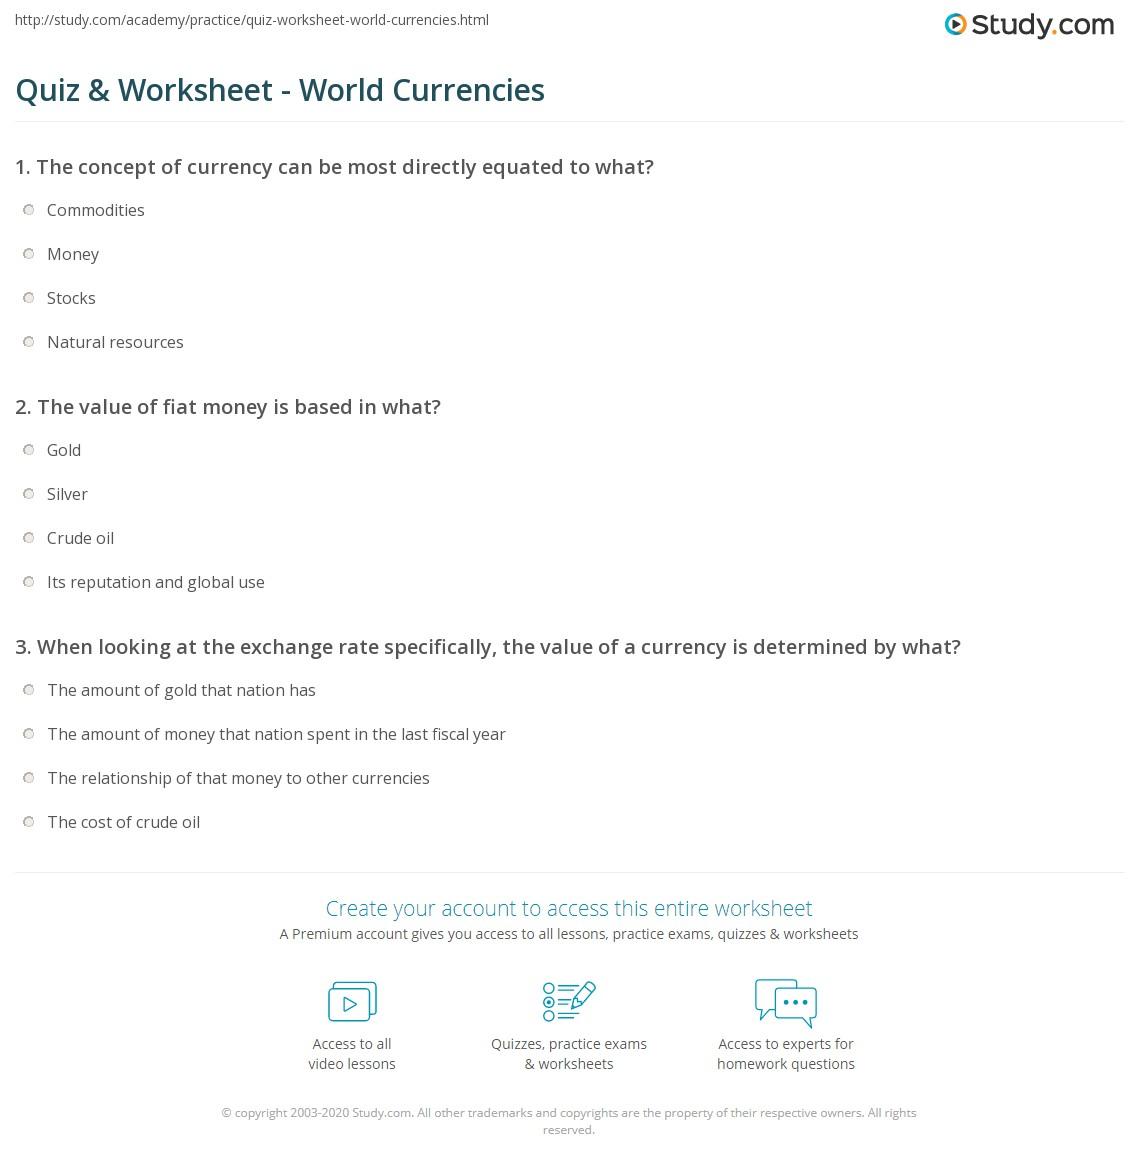 Quiz & Worksheet - World Currencies | Study.com